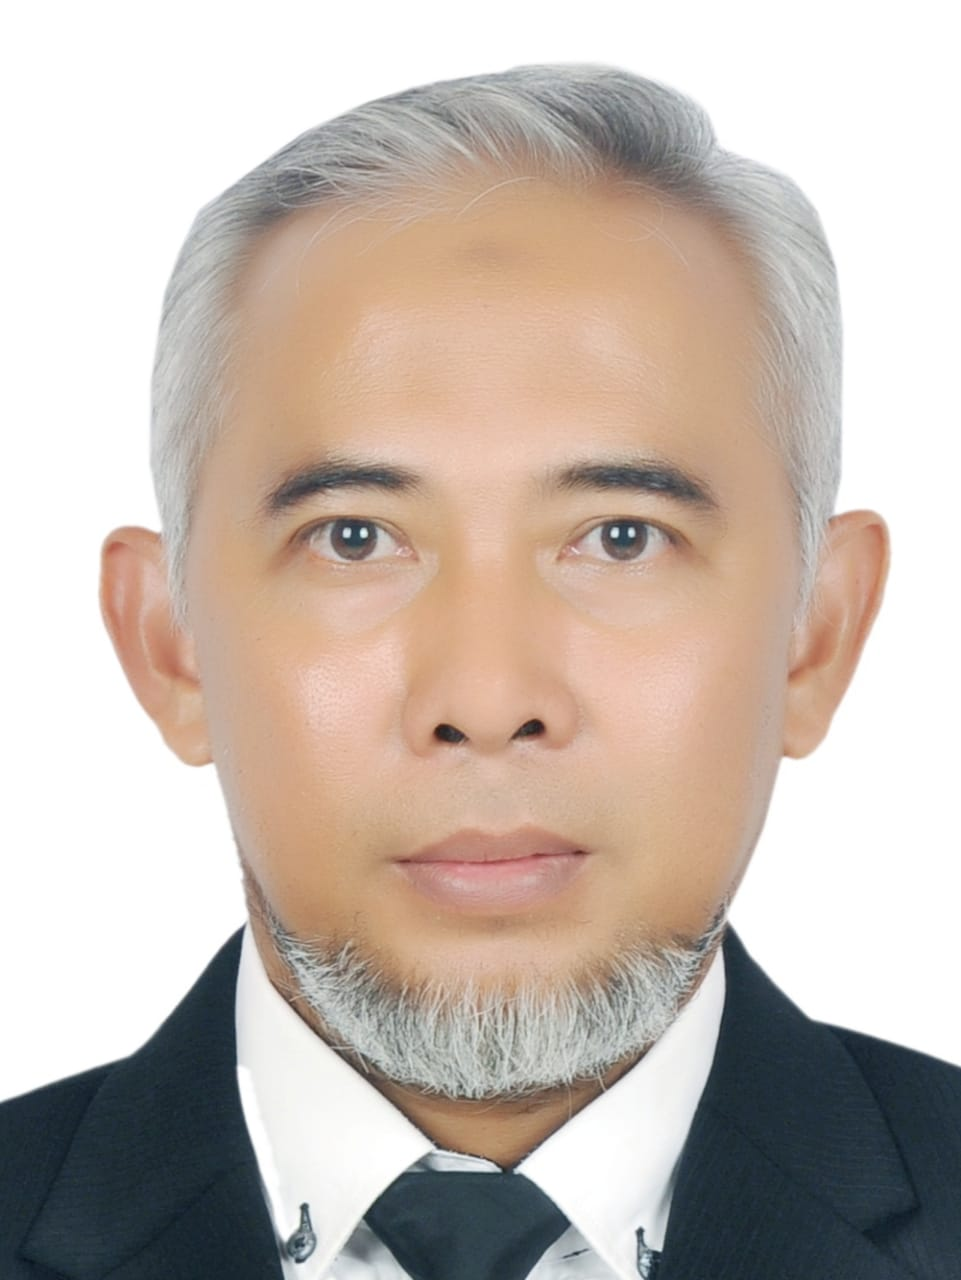 Nanang Sunardjaya